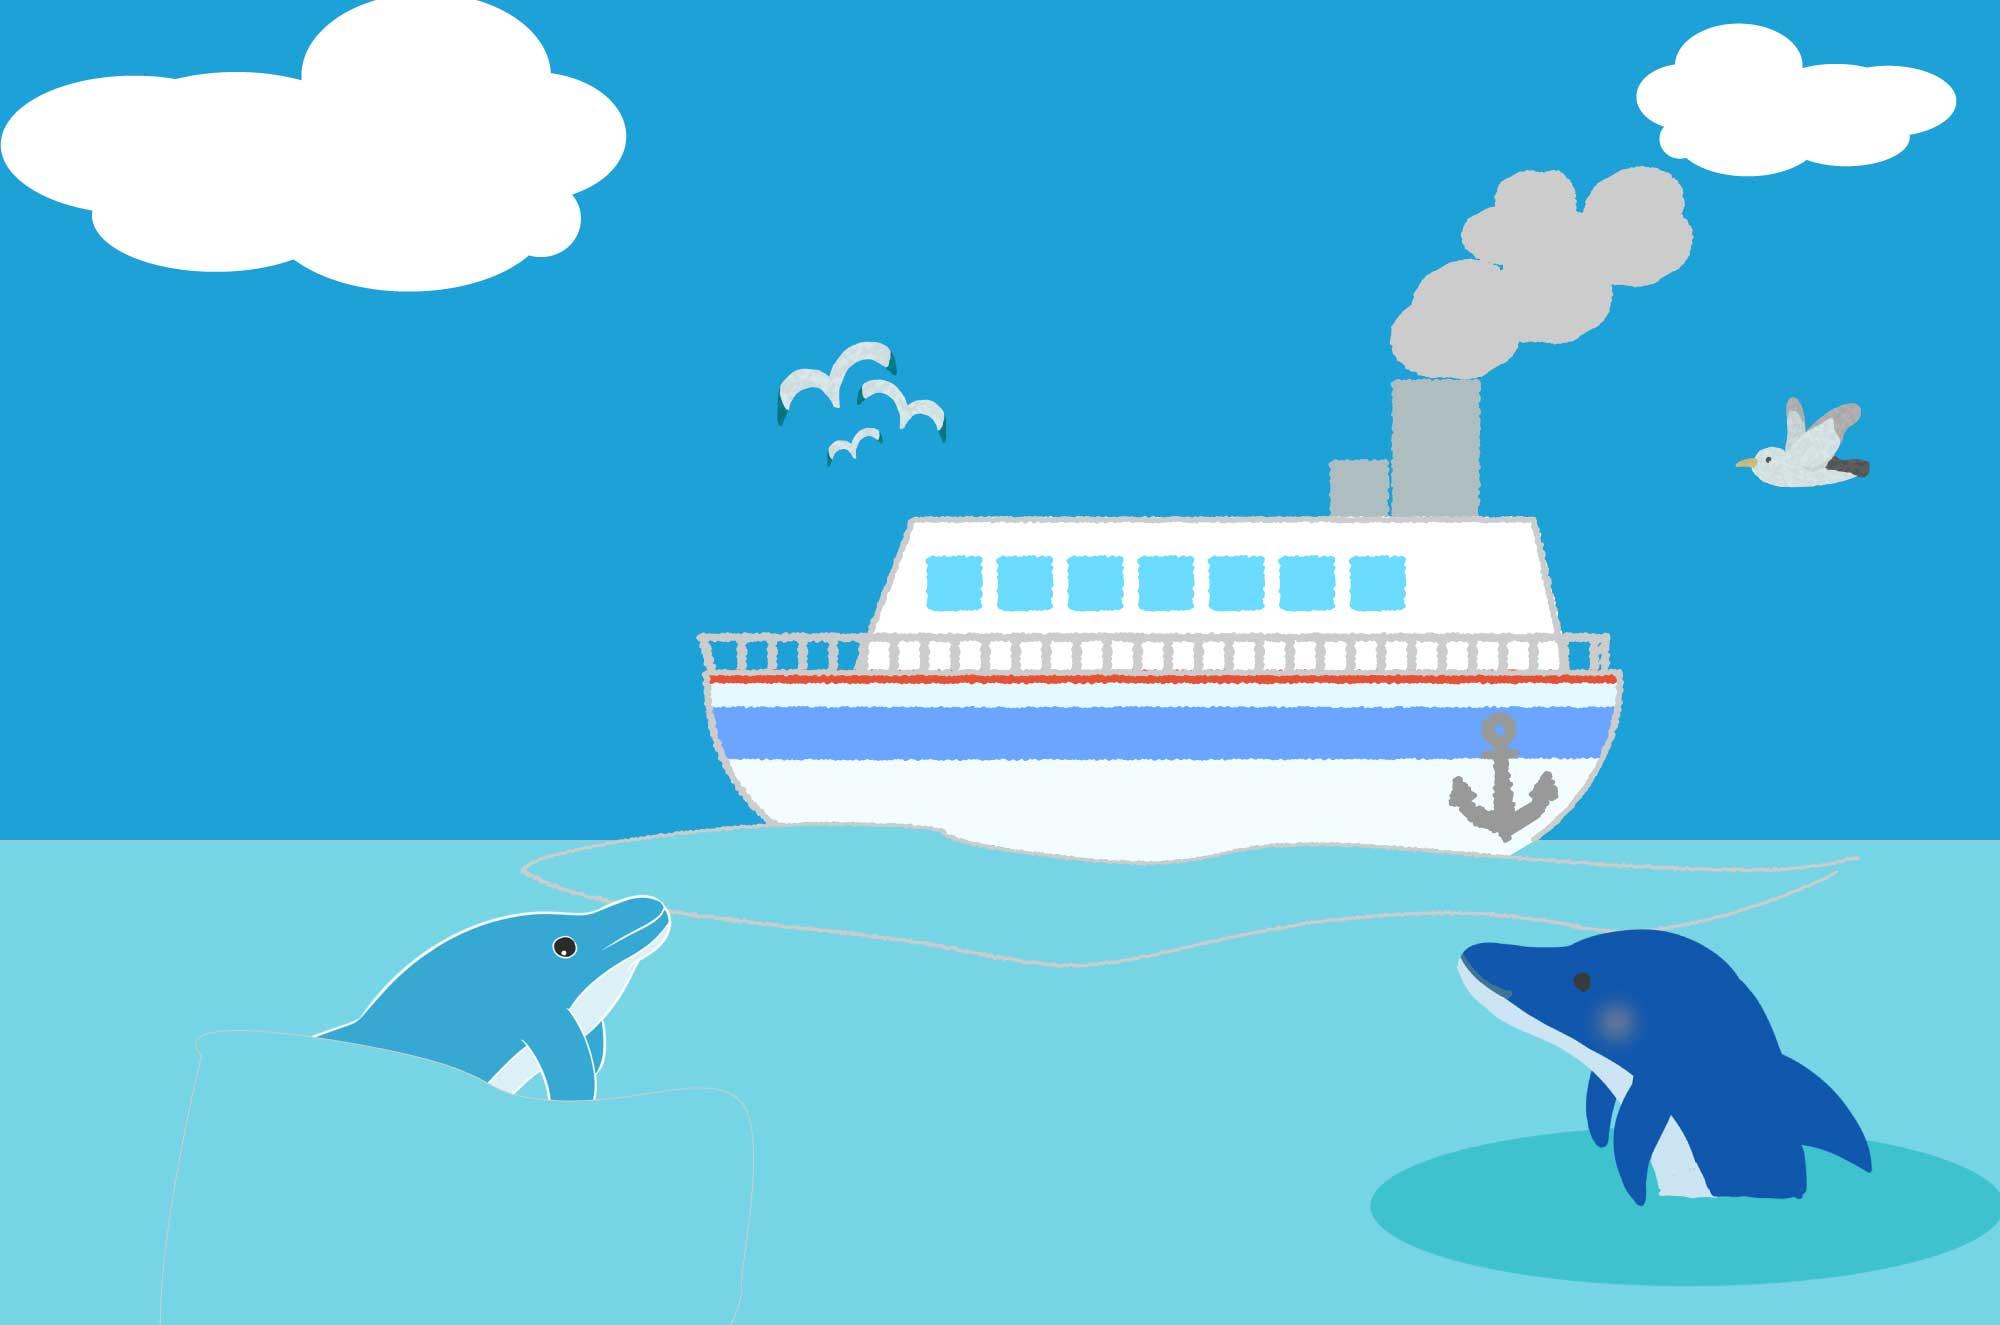 可愛い船のイラスト シンプルな海の乗り物無料素材 チコデザ